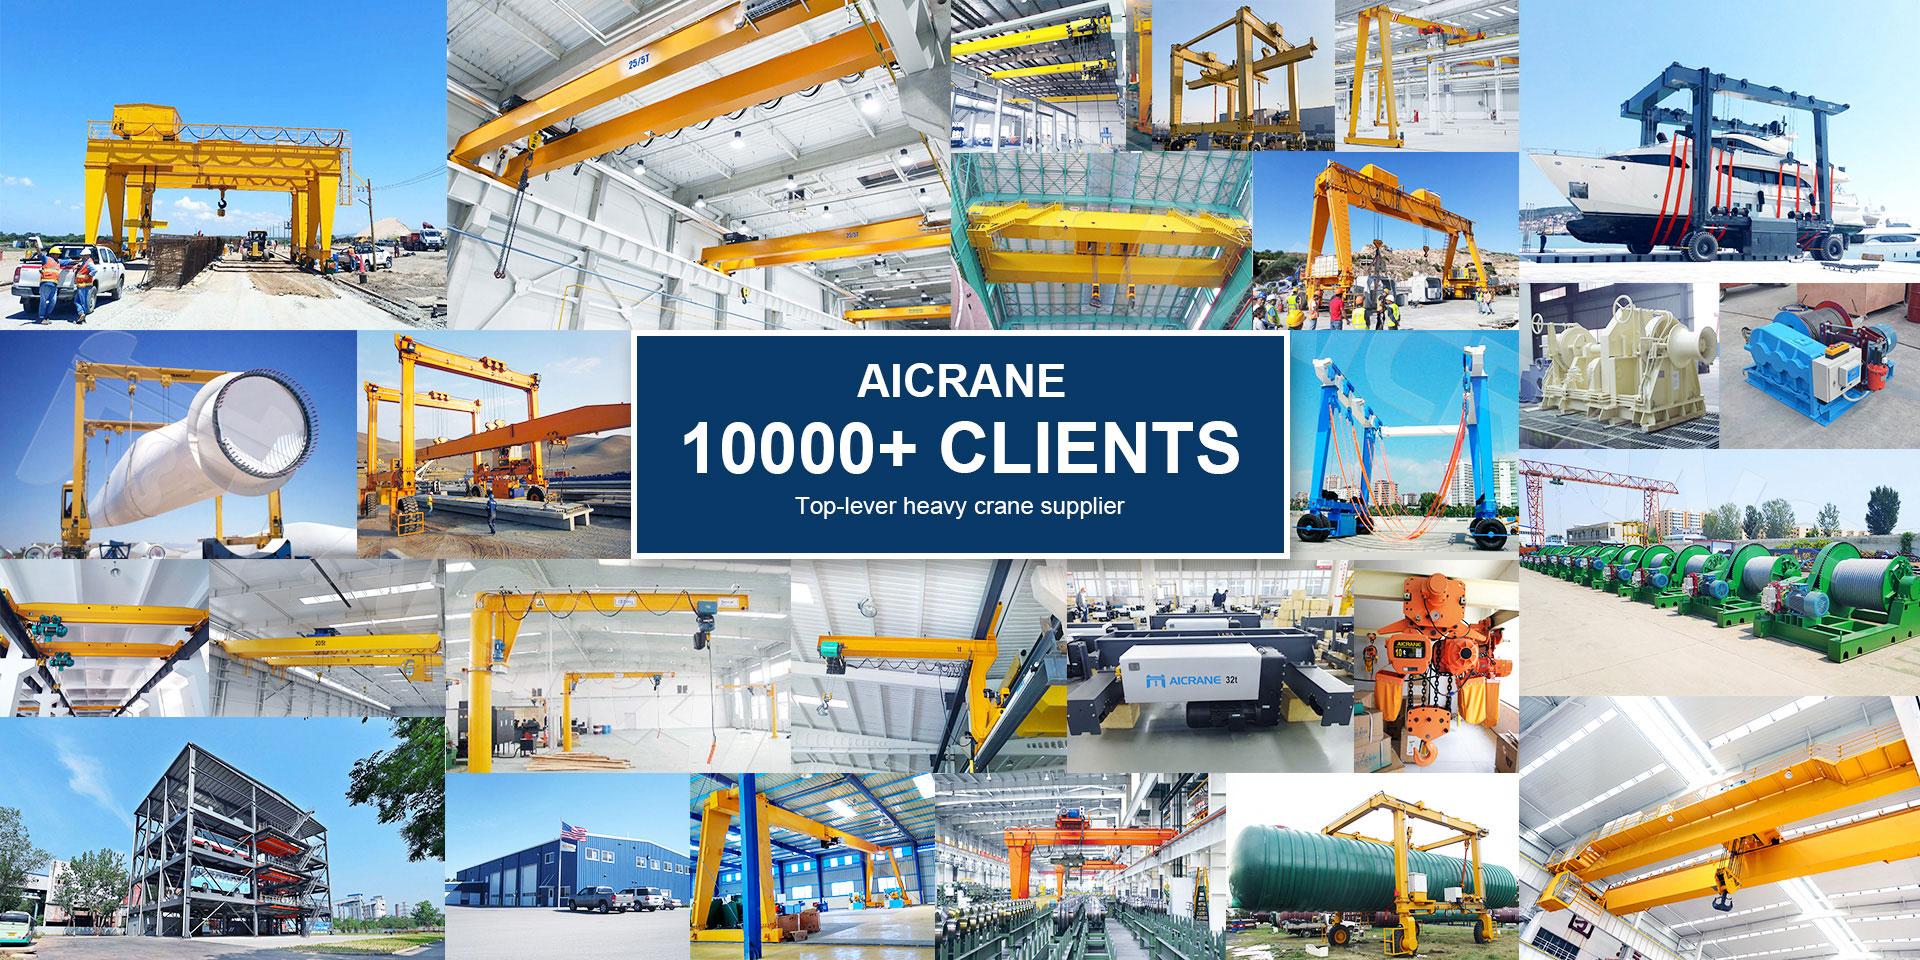 aicrane-global-clients